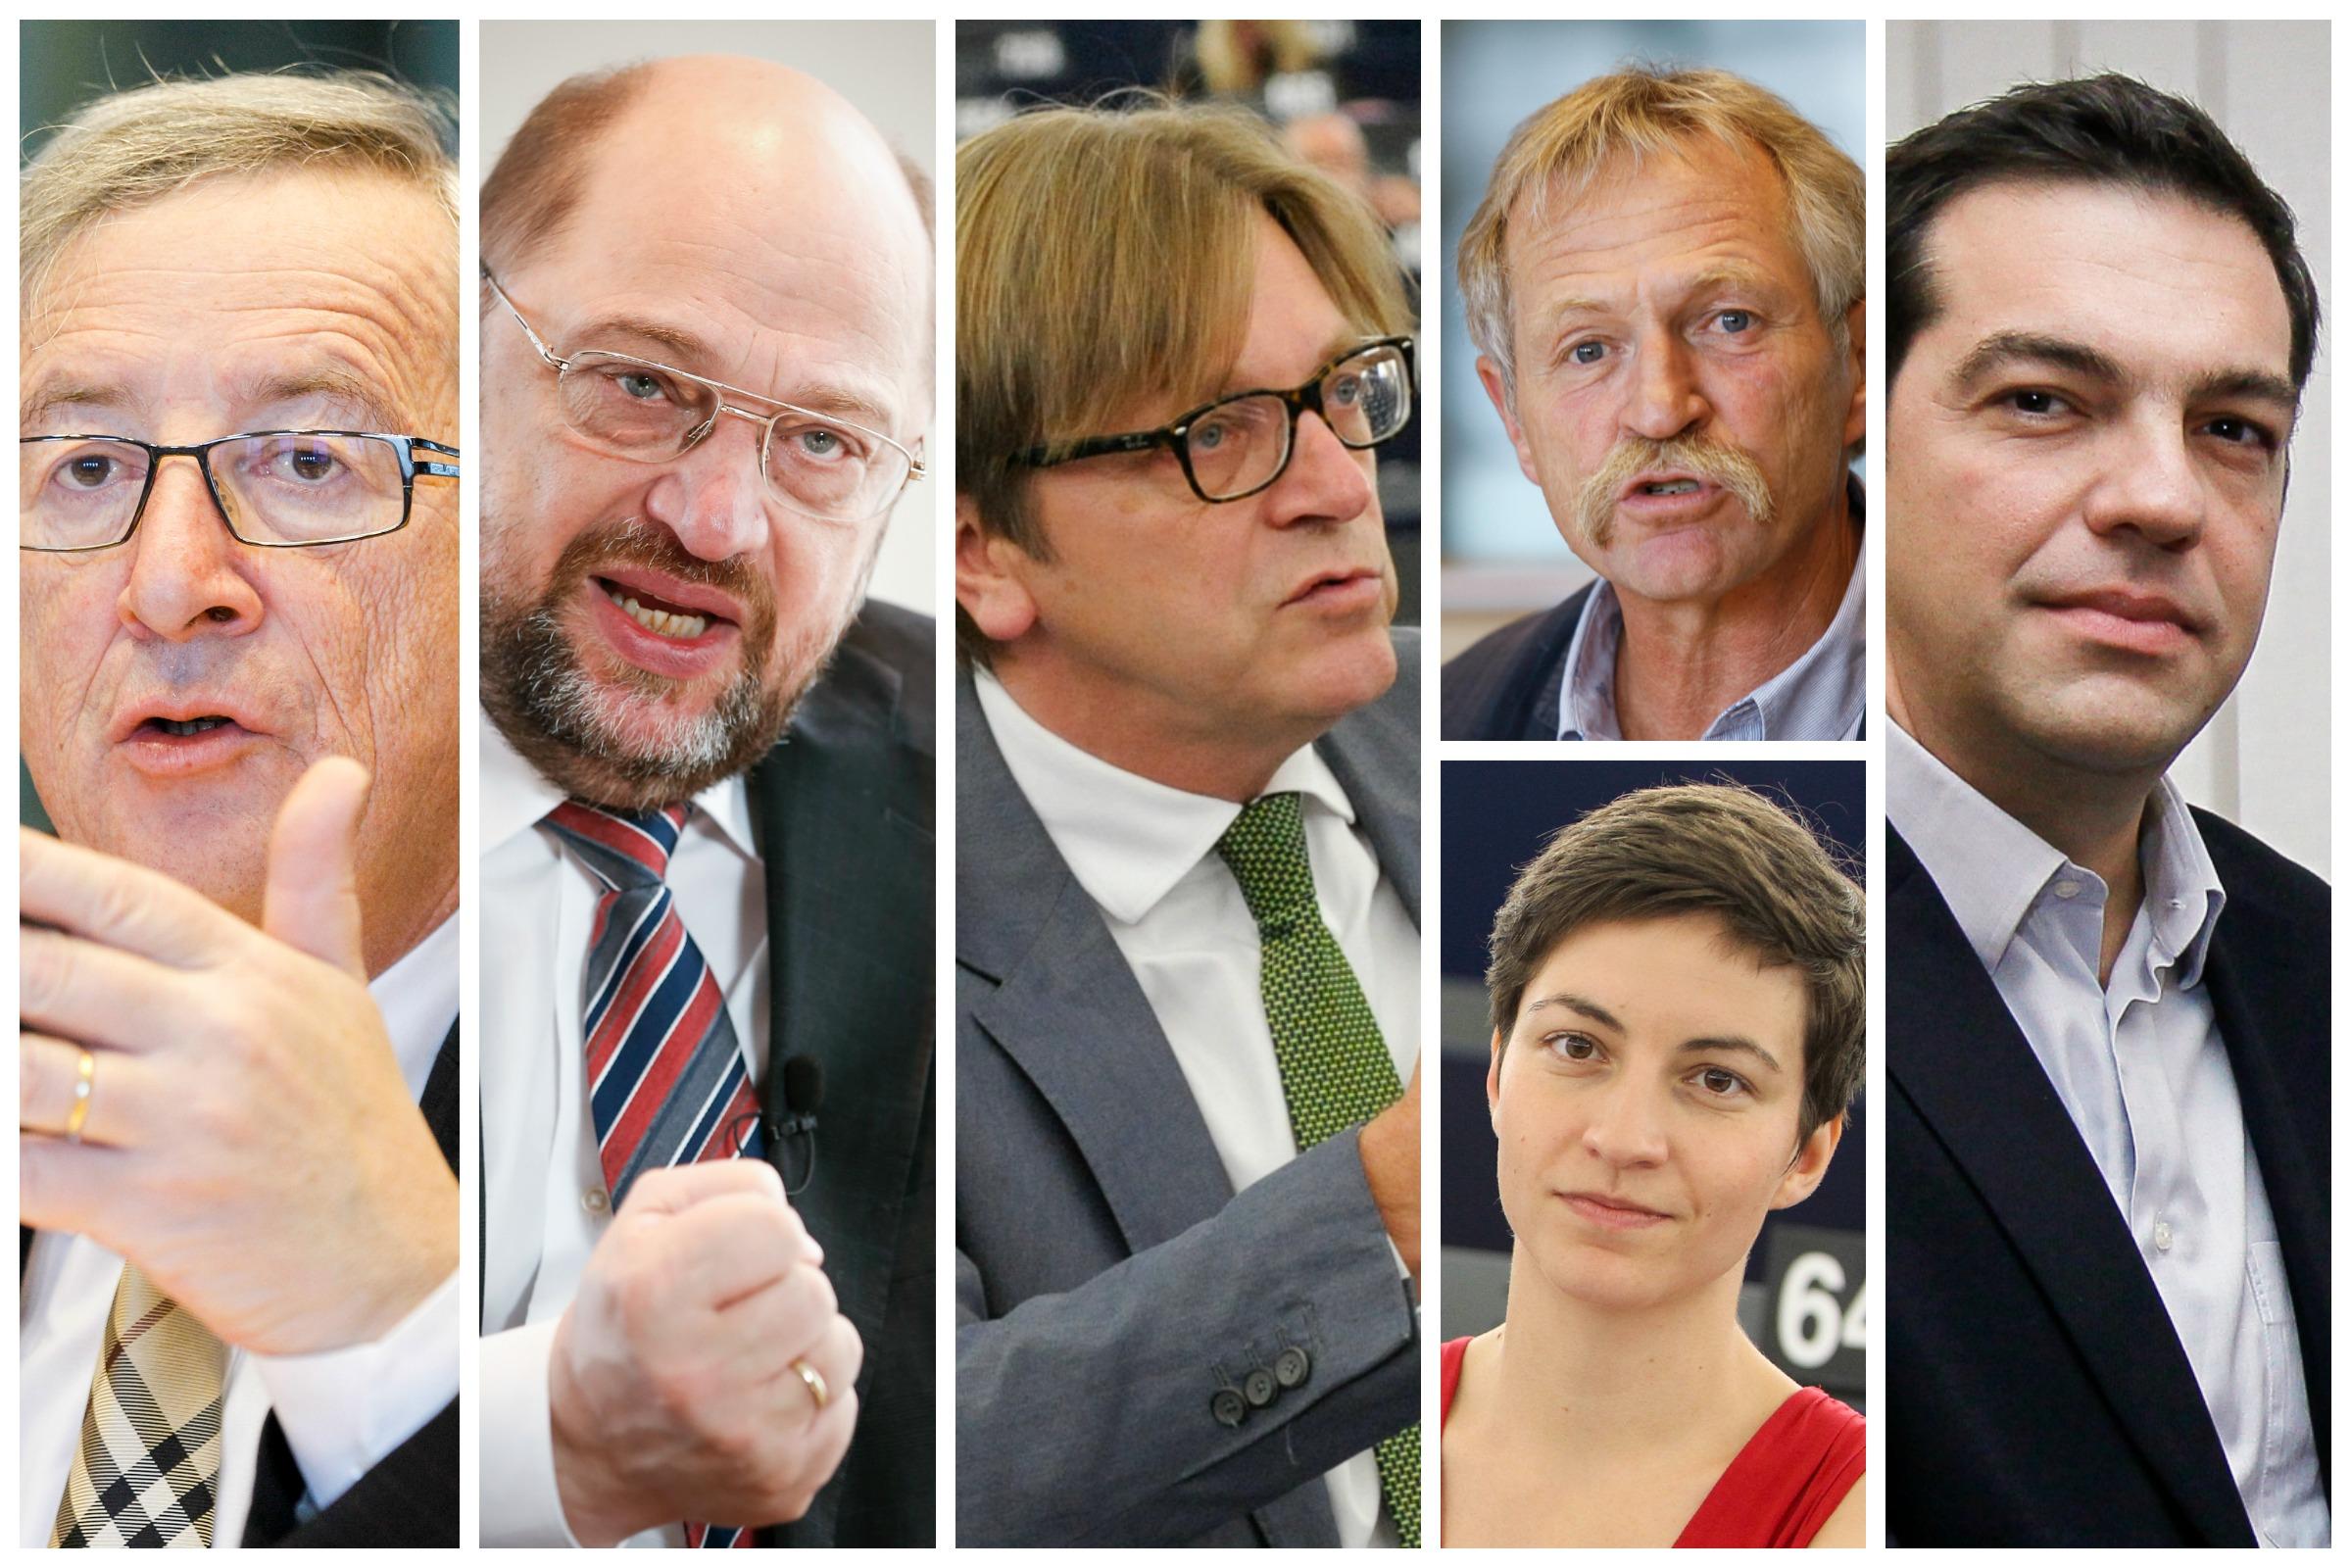 Europe's Spitzenkandidaten for the 2014 European elections [EURACTIV/European Parliament]